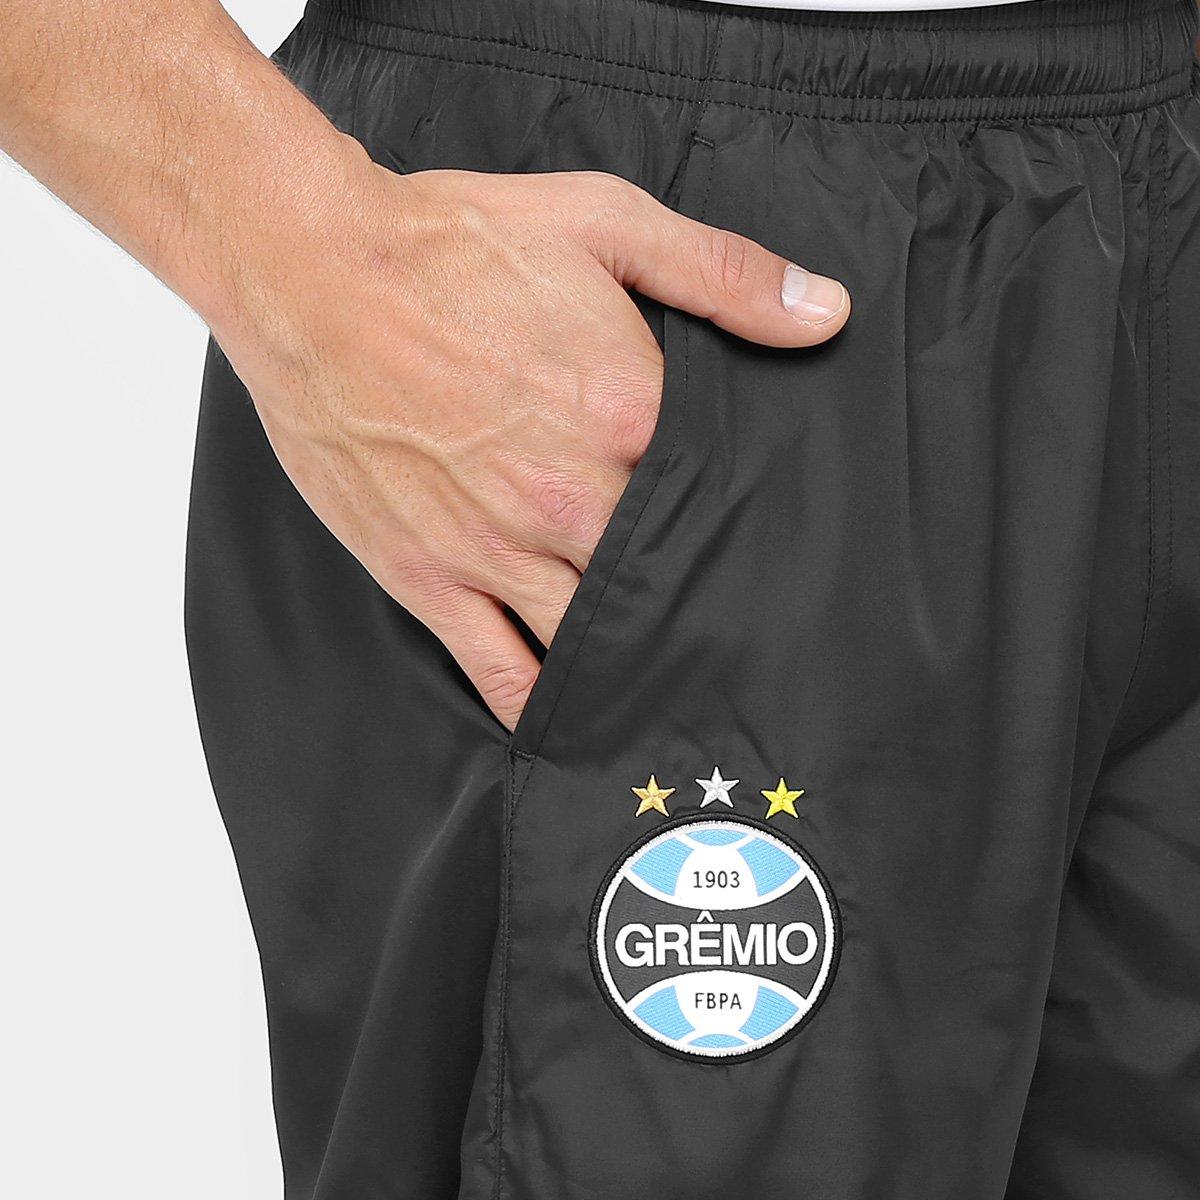 Calça Grêmio Umbro Viagem Masculina - Chumbo e Azul - Compre Agora ... 5b2ae2bebd836